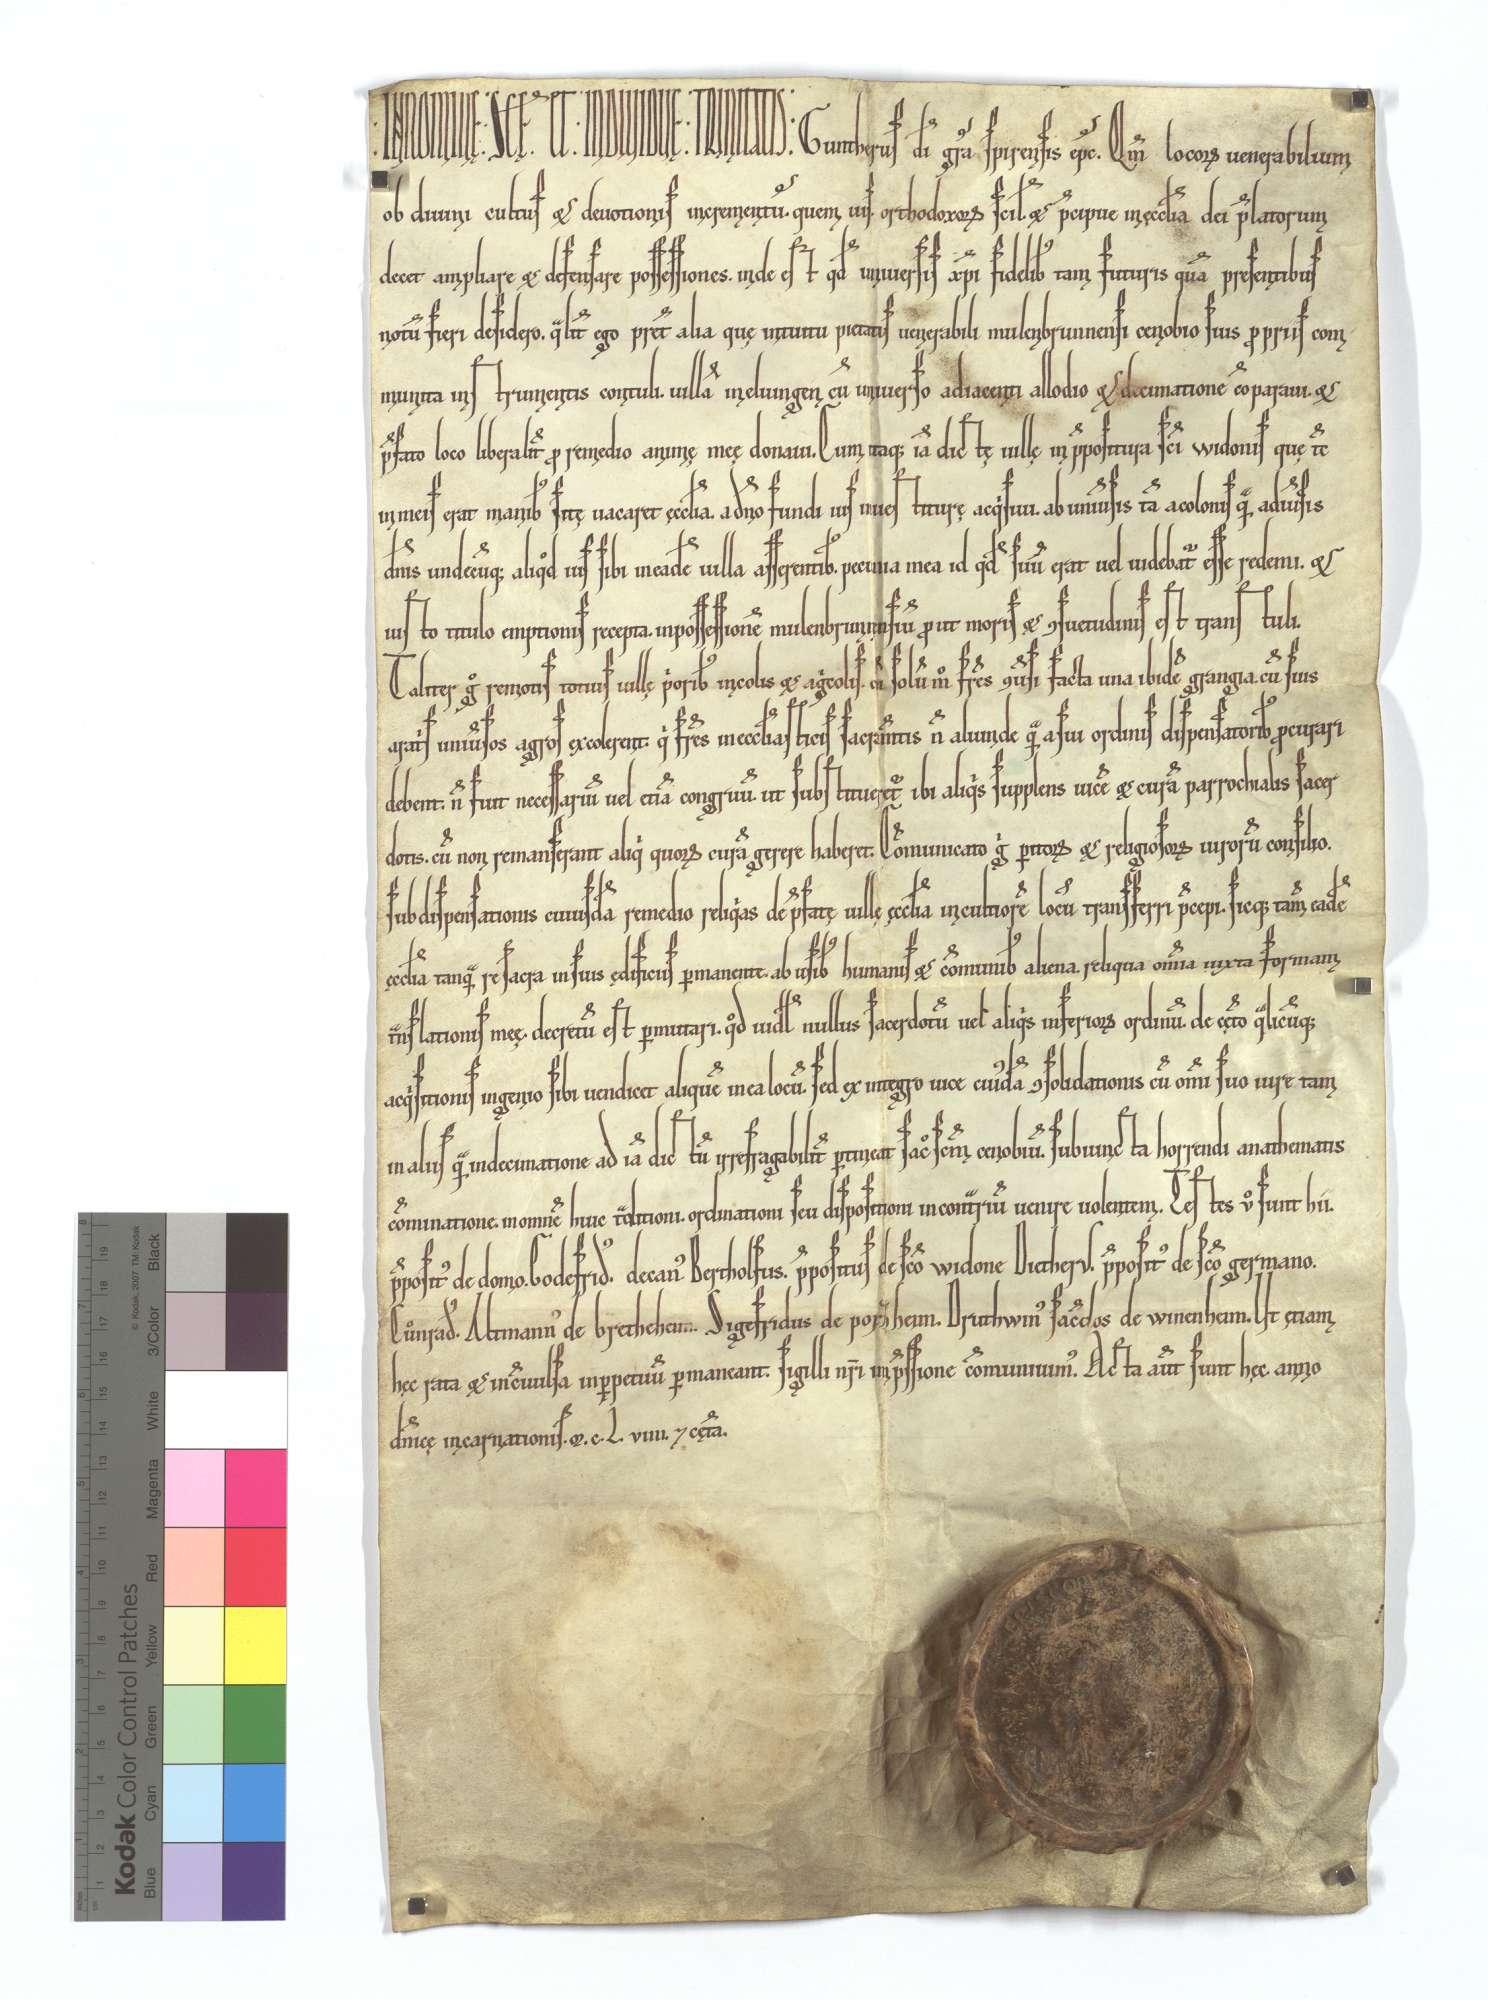 Bischof Günther von Speyer erwirbt und übergibt den Elfinger (Elvingen) Hof unter Aufhebung des dortigen Kirchendienstes dem Kloster Maulbronn., Text